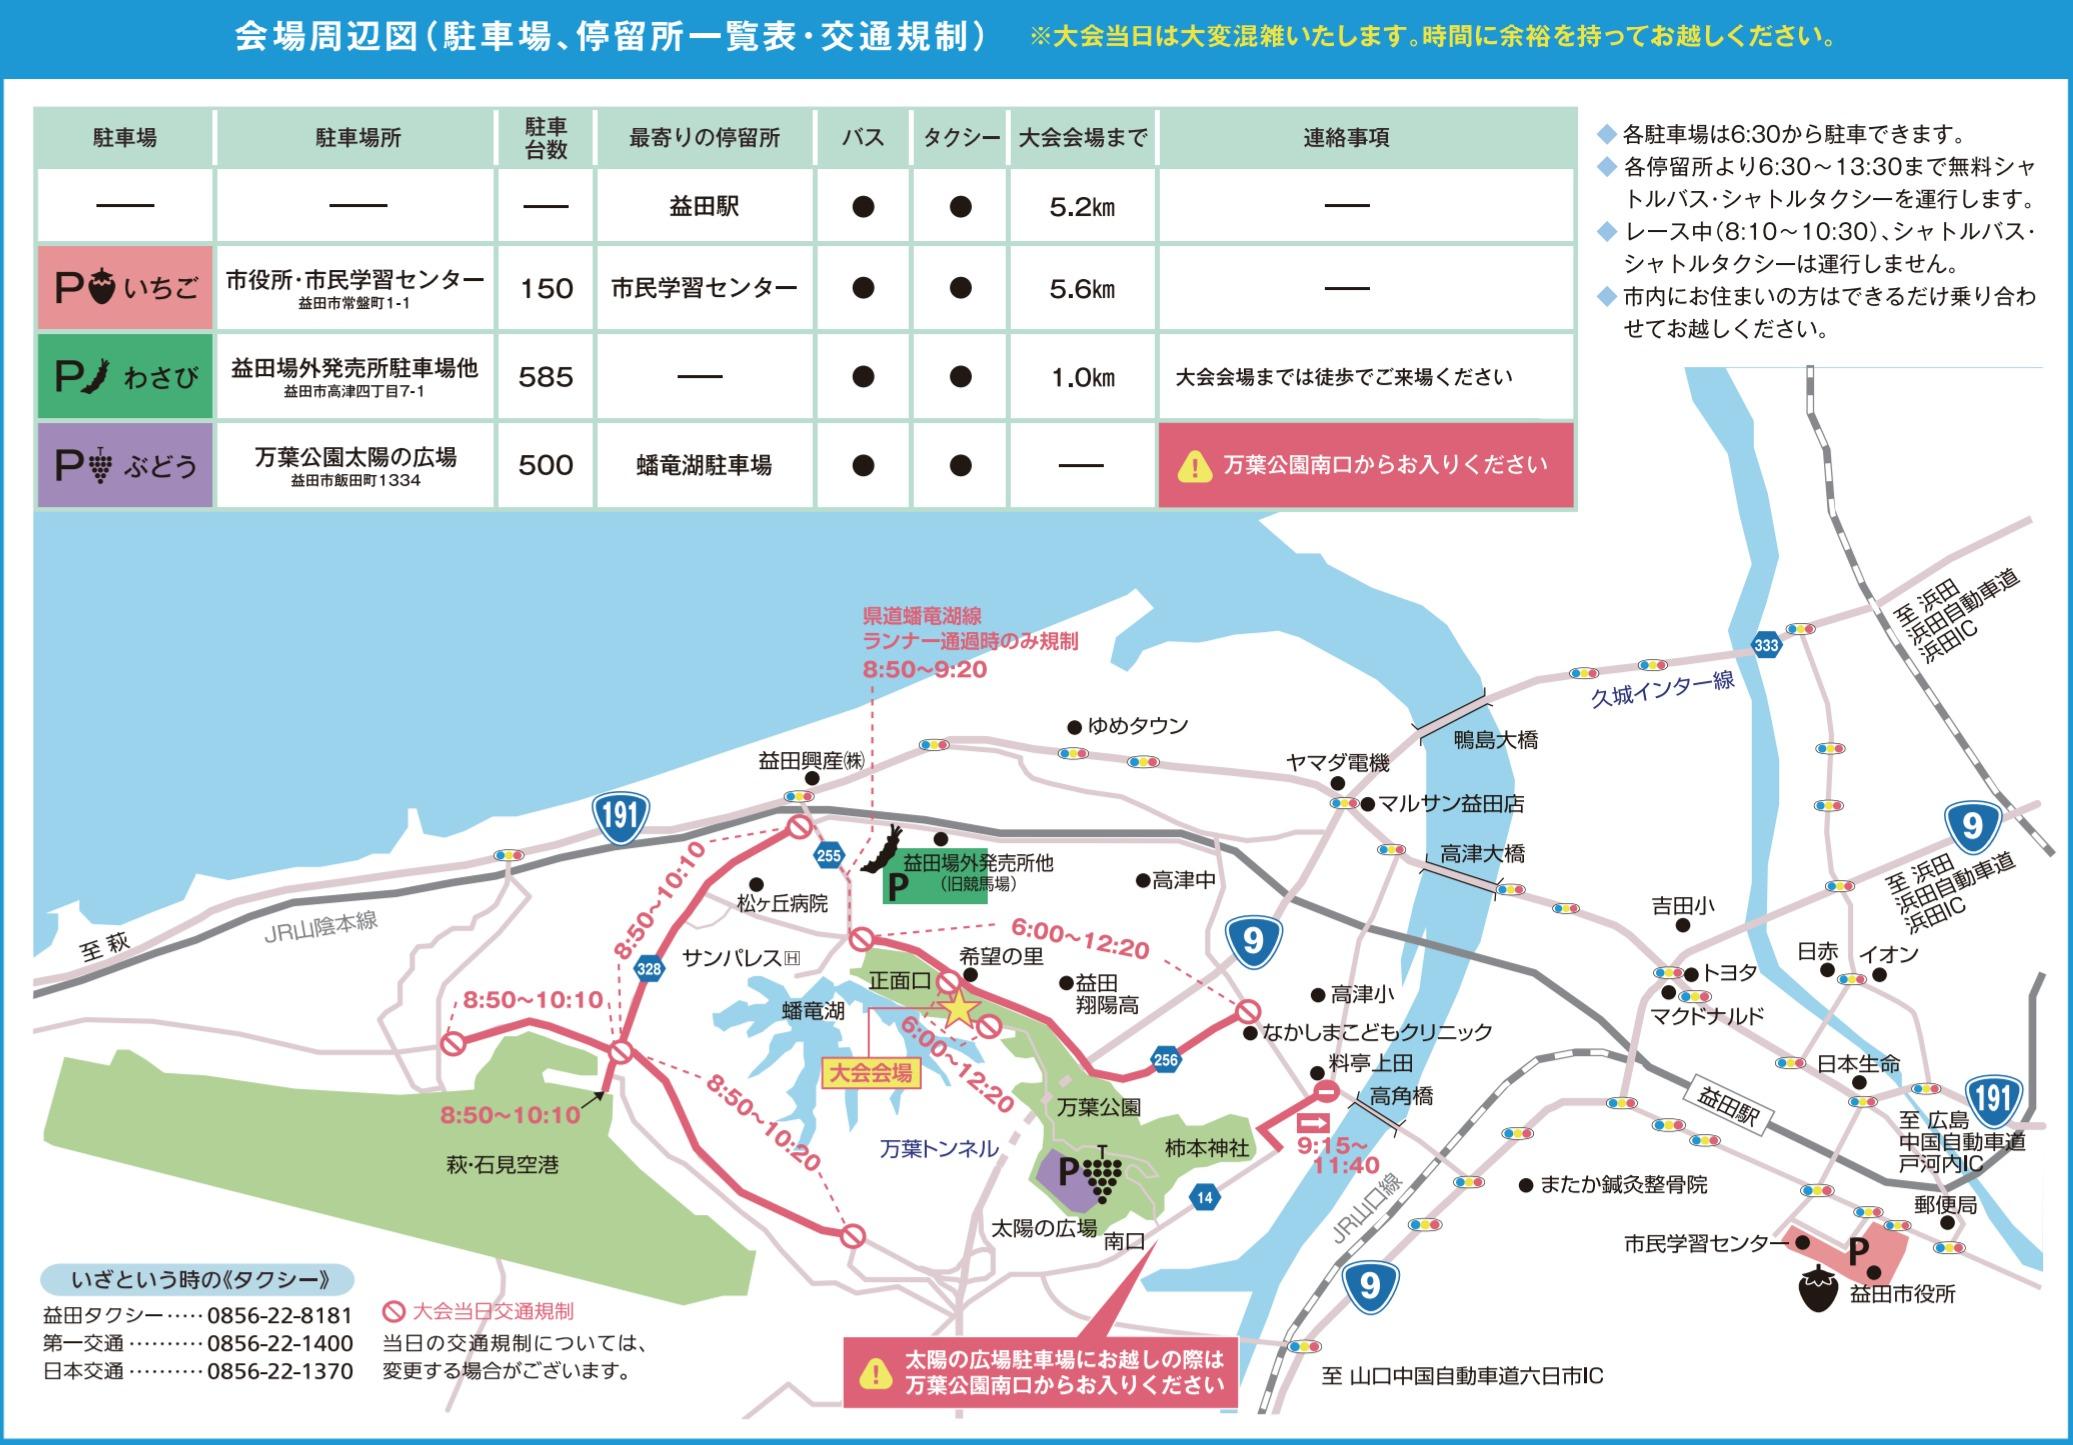 萩・石見空港ハーフマラソン会場周辺マップ